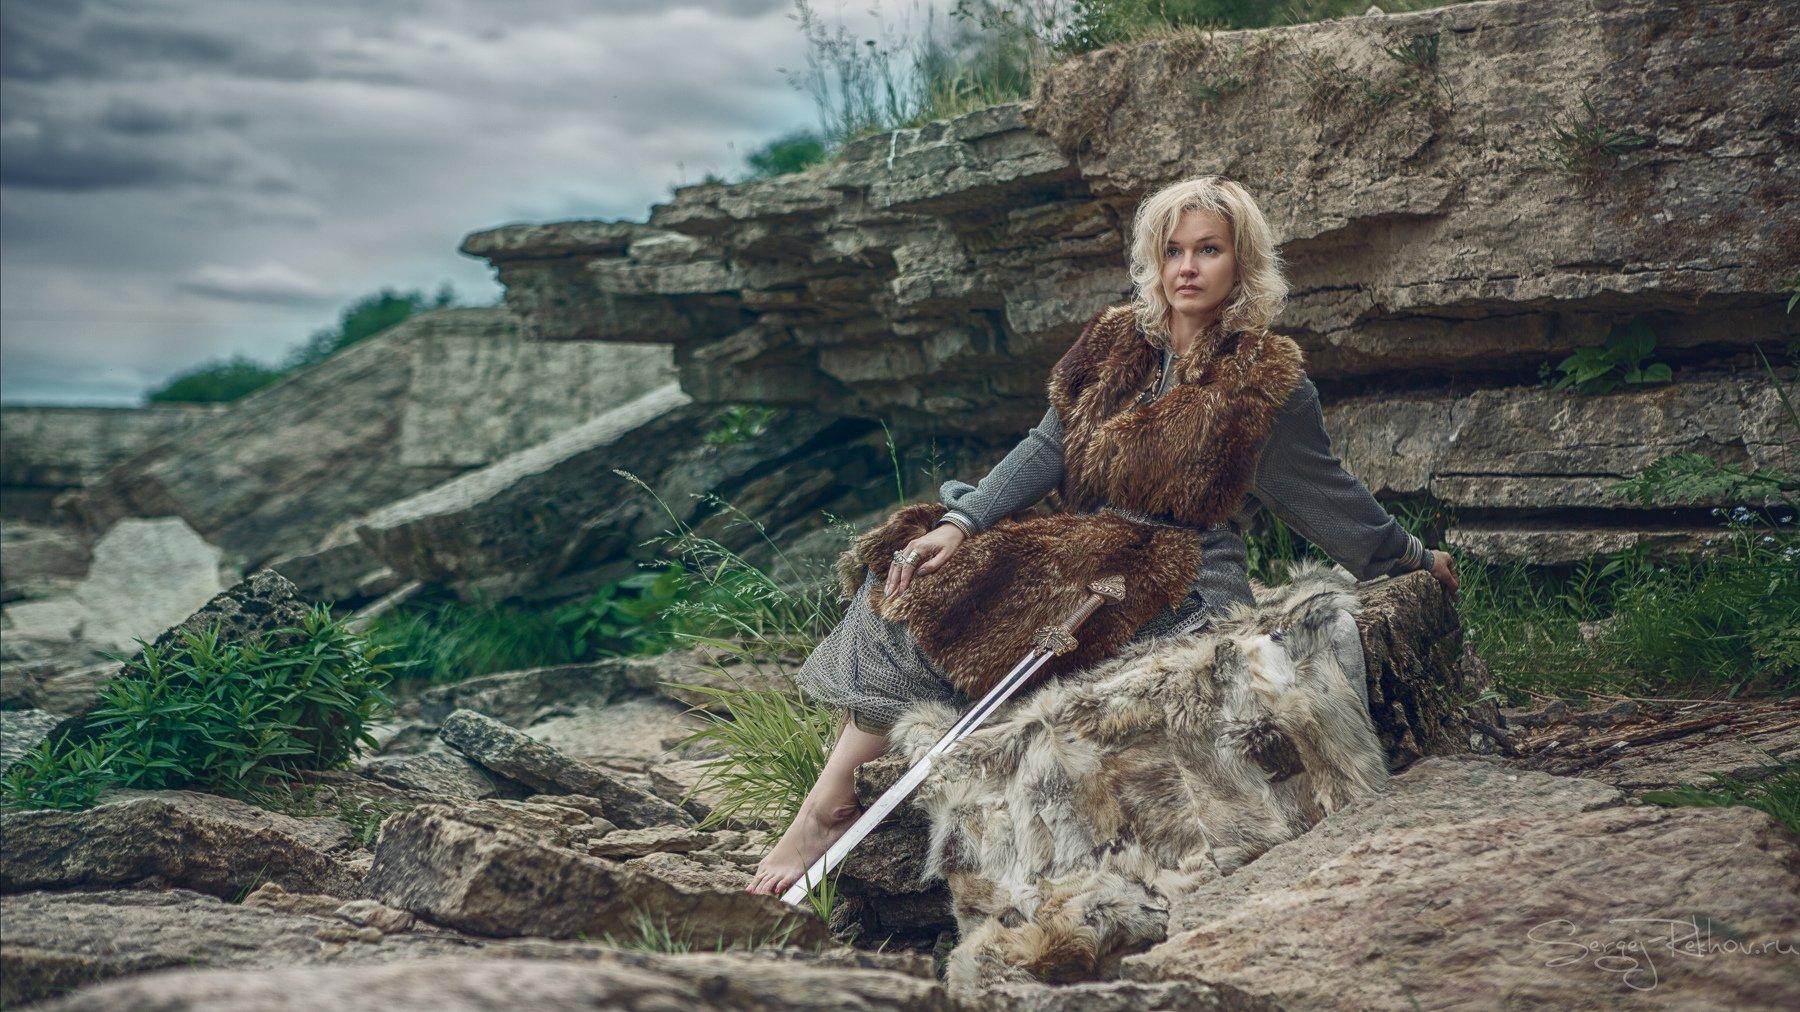 викинг, меч, воин, война, скалы, пасмурно, девушка, Сергей Рехов